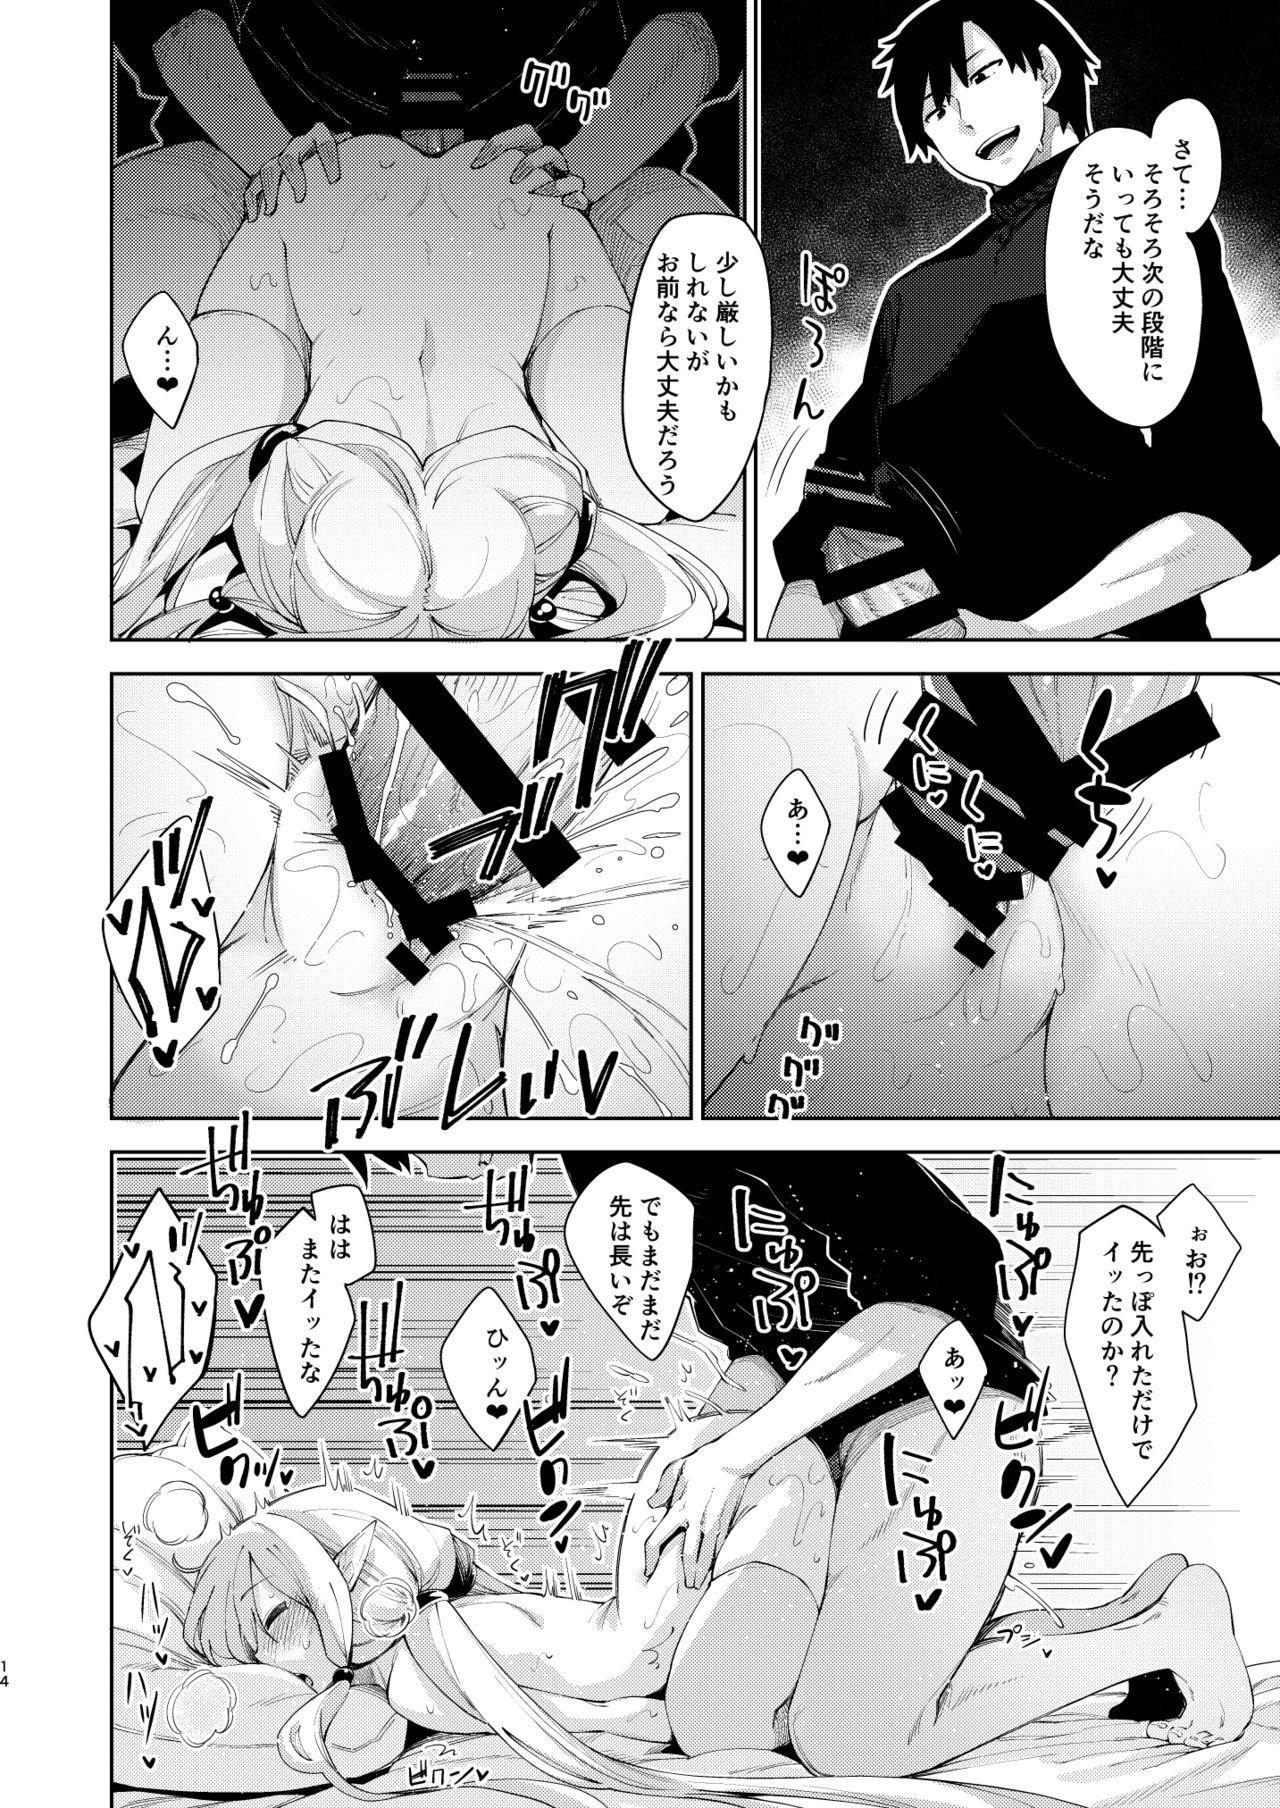 Isekai Kita no de Mahou o Sukebe na Koto ni Riyou Shiyou to Omou II 12